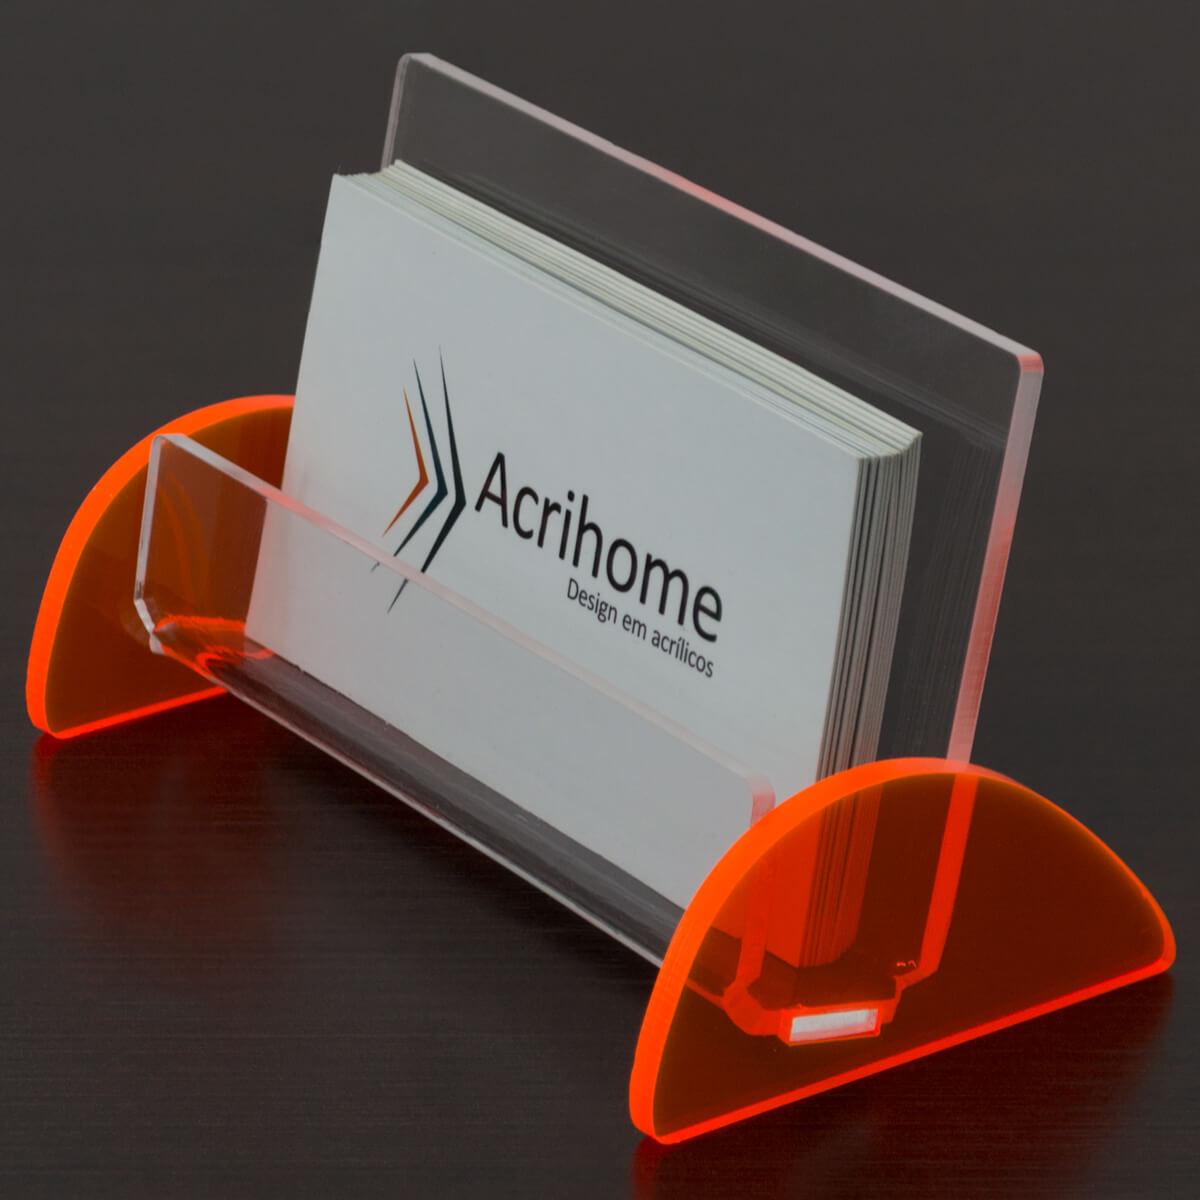 Porta cartões feito em acrílico laranja